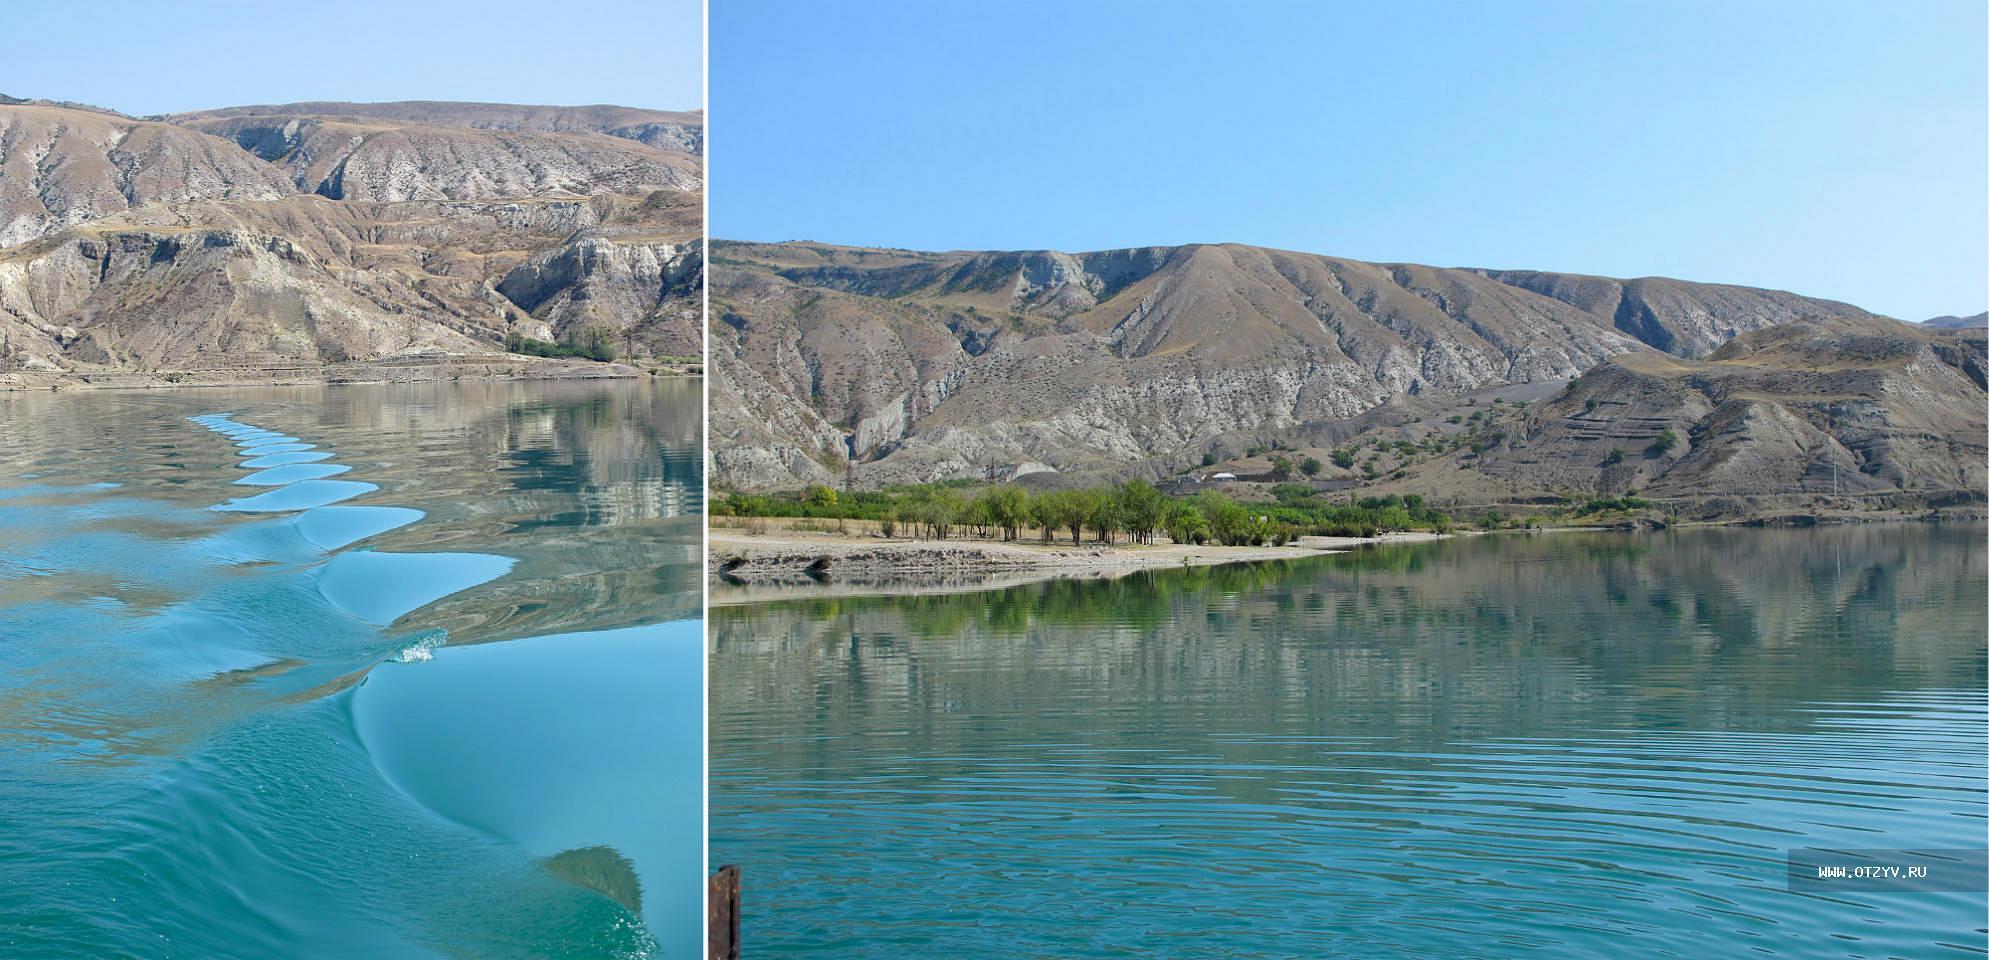 Три особо охраняемых природных территории созданы в Дагестане